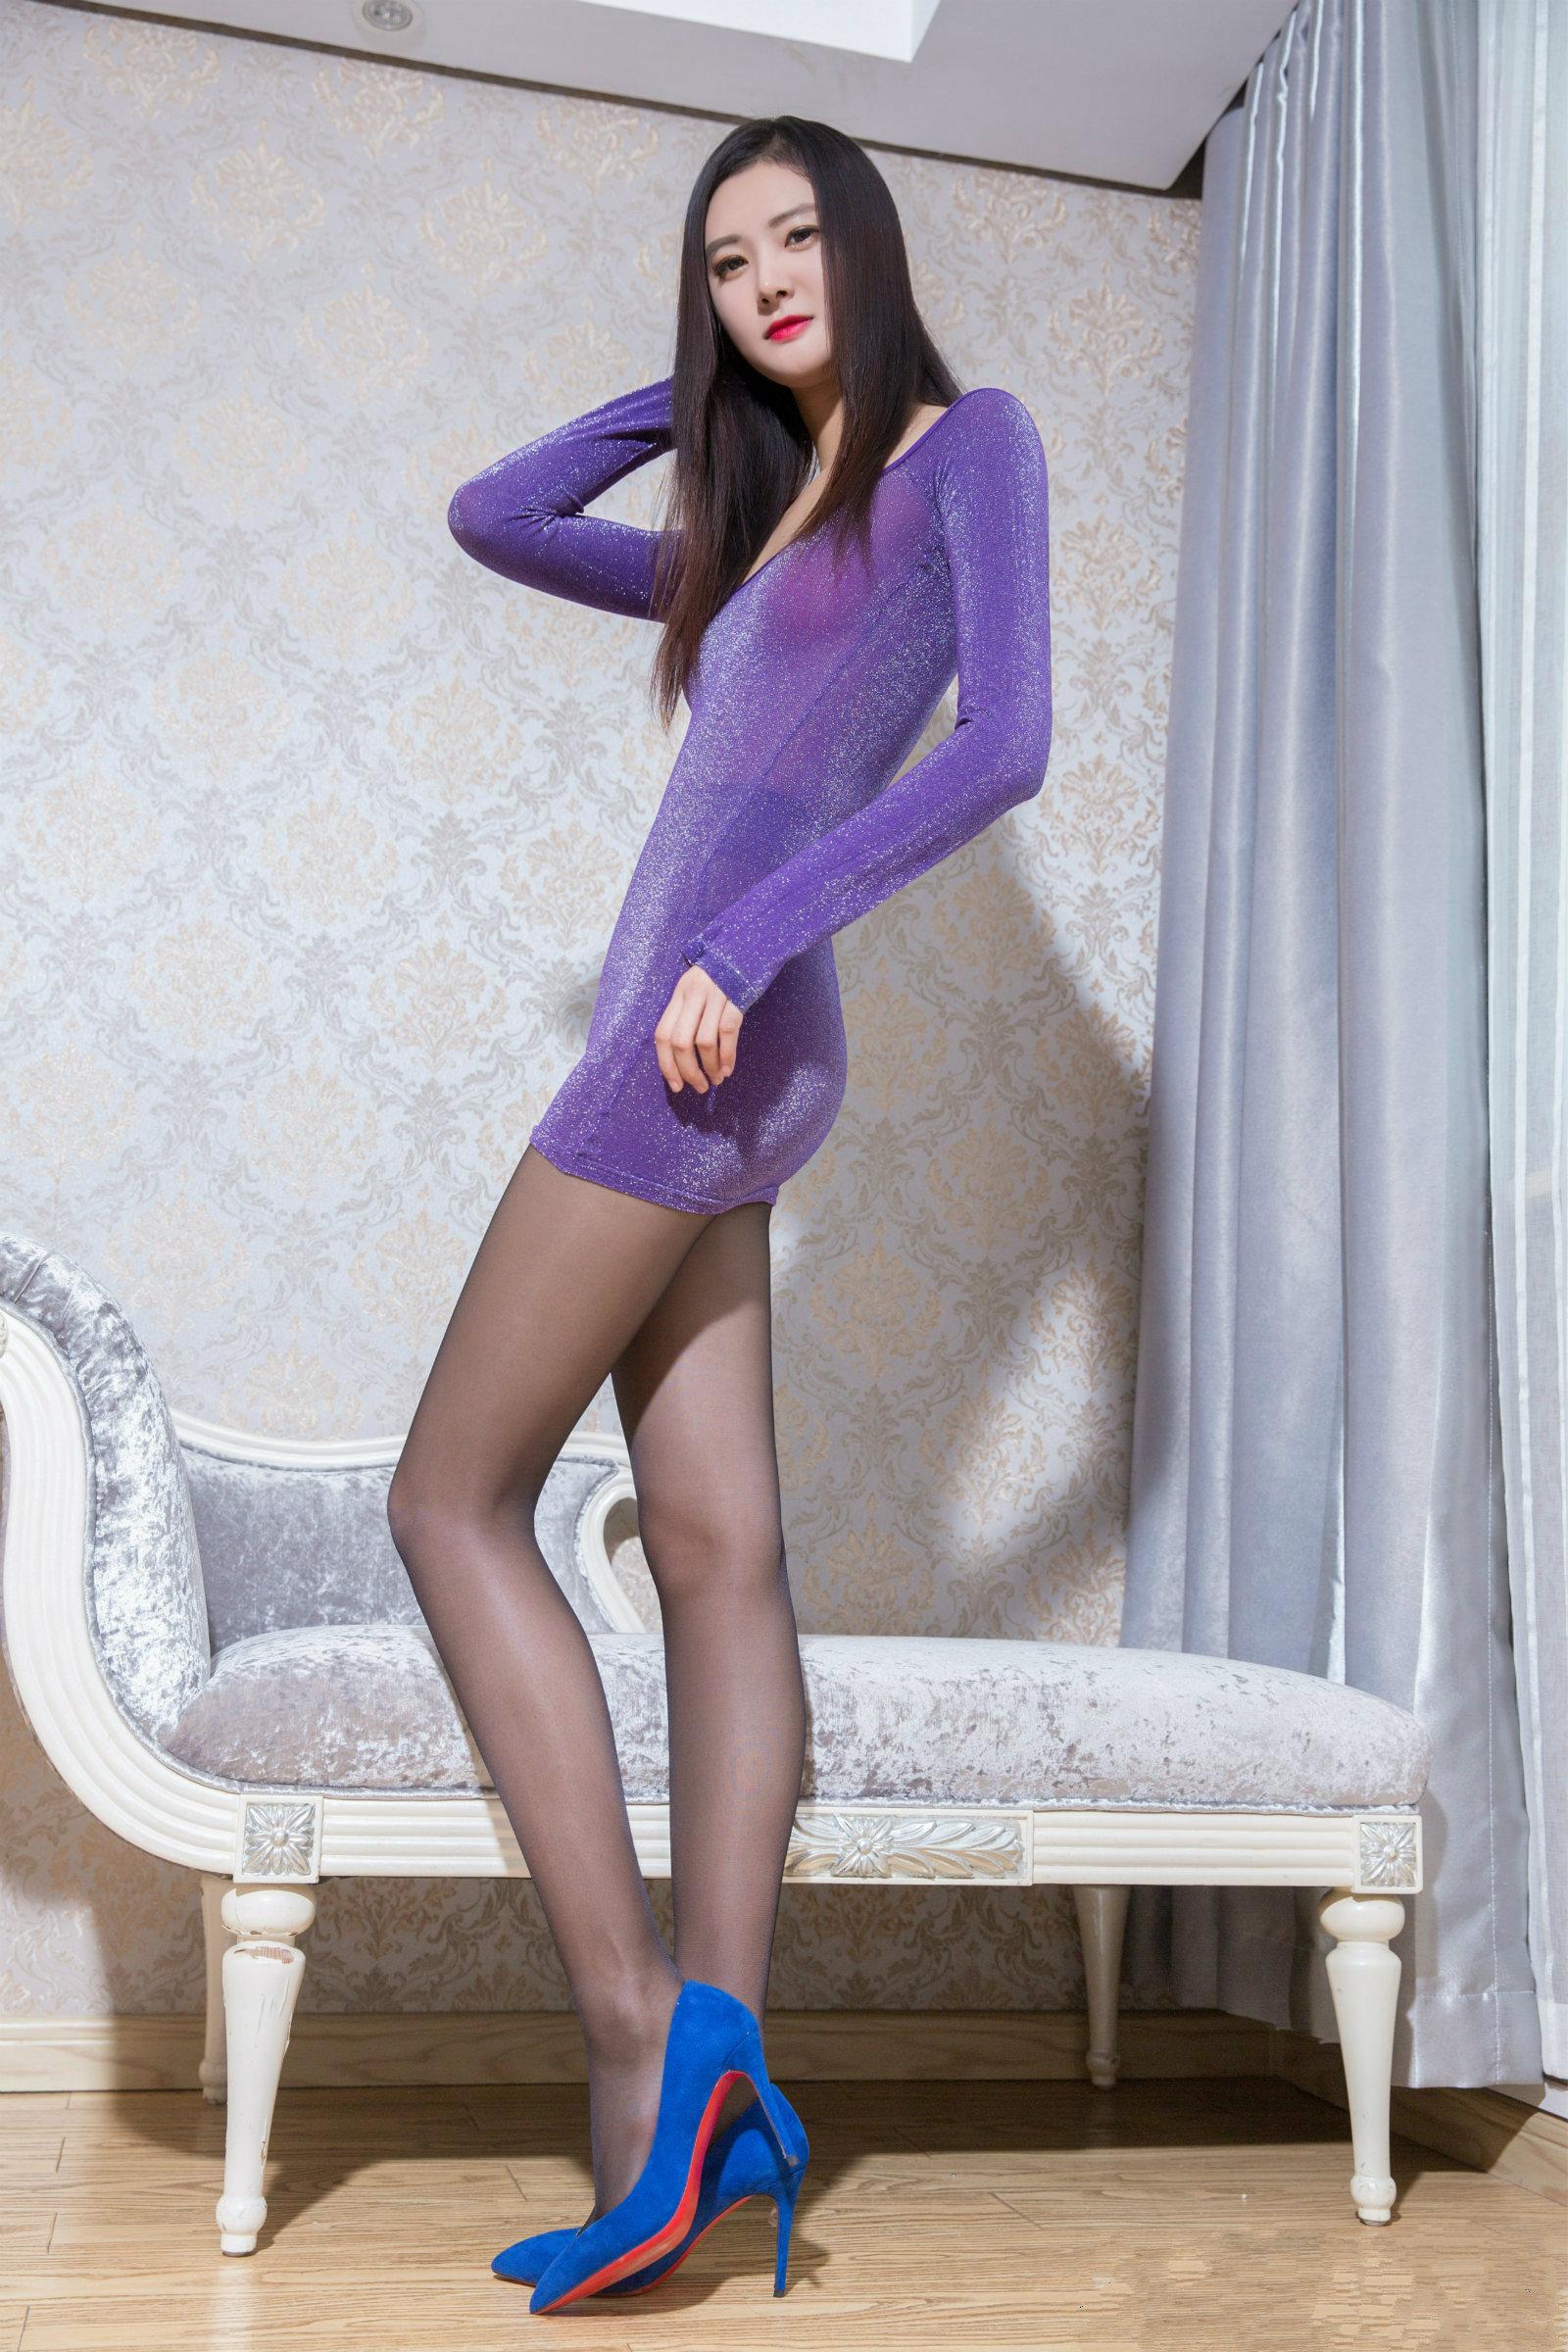 爱秀美腿秀-子沫Moira1 - 花開有聲 - 花開有聲